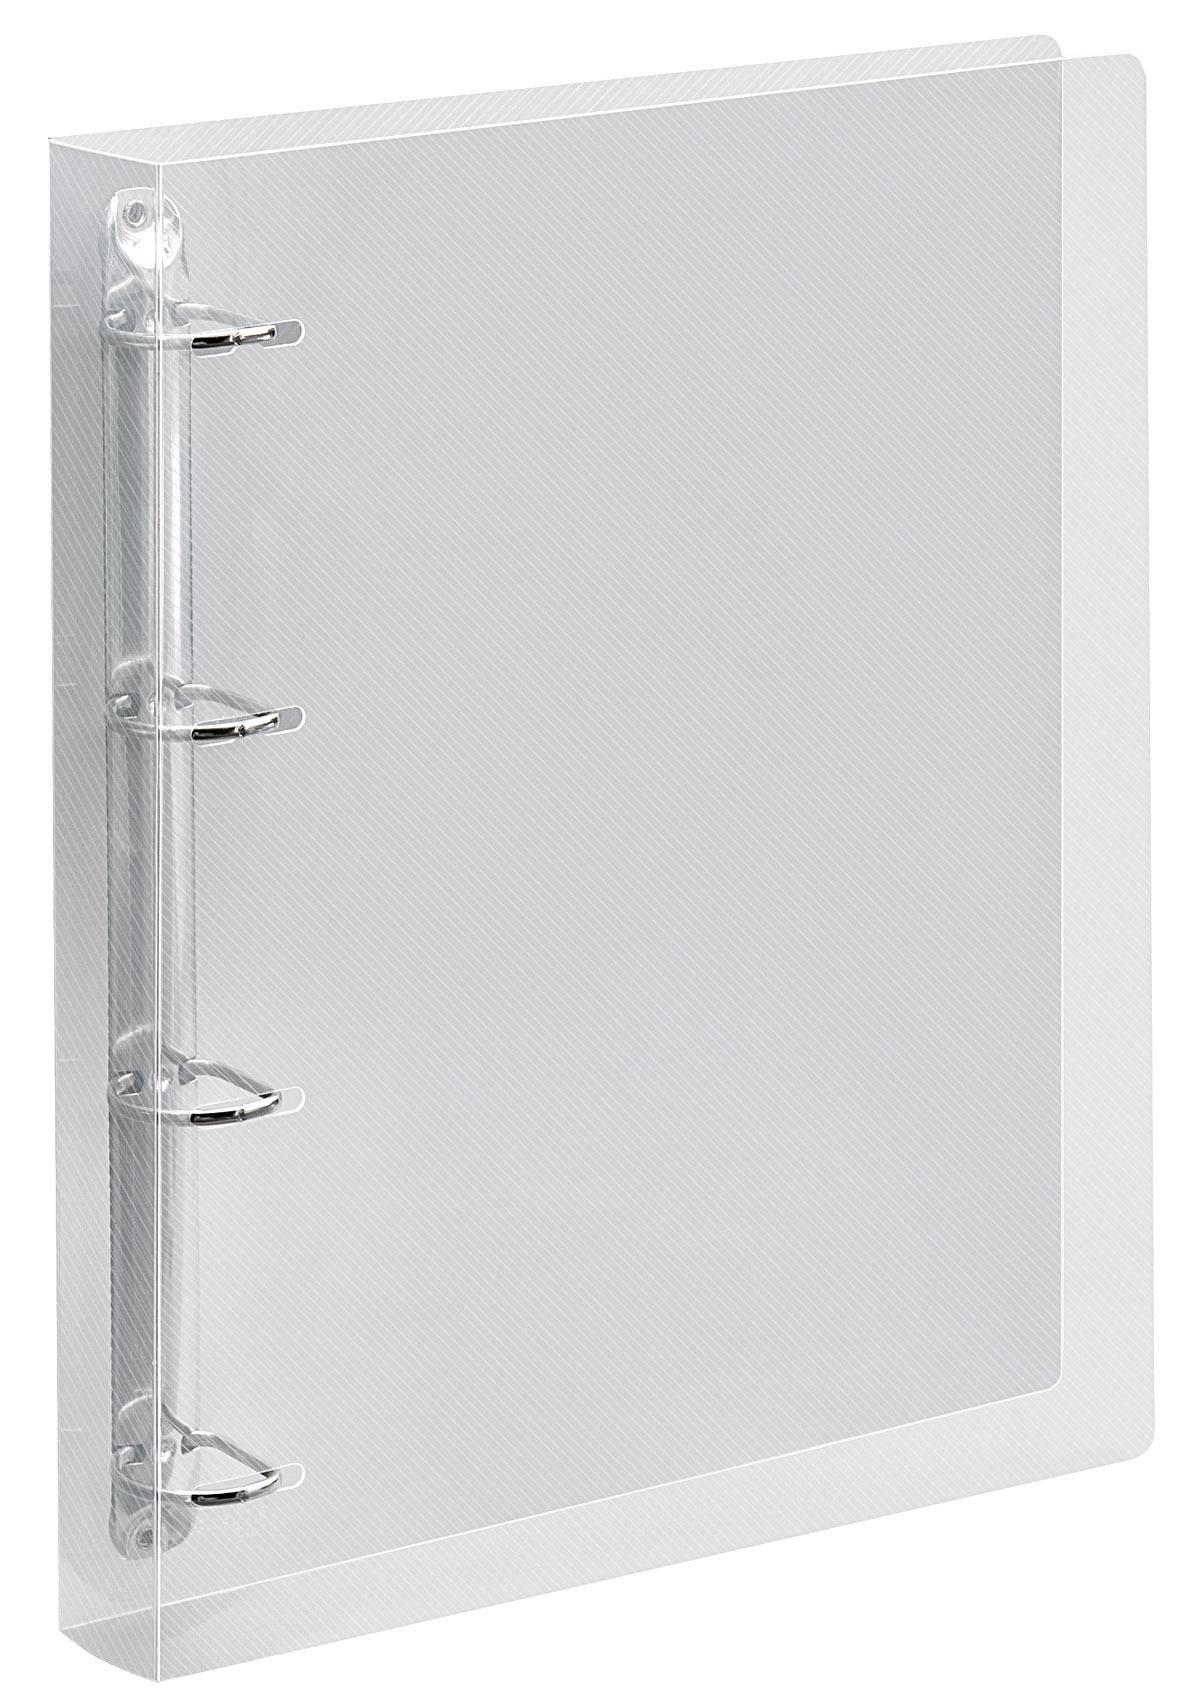 veloflex ringbuch crystal din a4 pp vollkunststoff 4 d ring mechanik 25 mm transparent. Black Bedroom Furniture Sets. Home Design Ideas